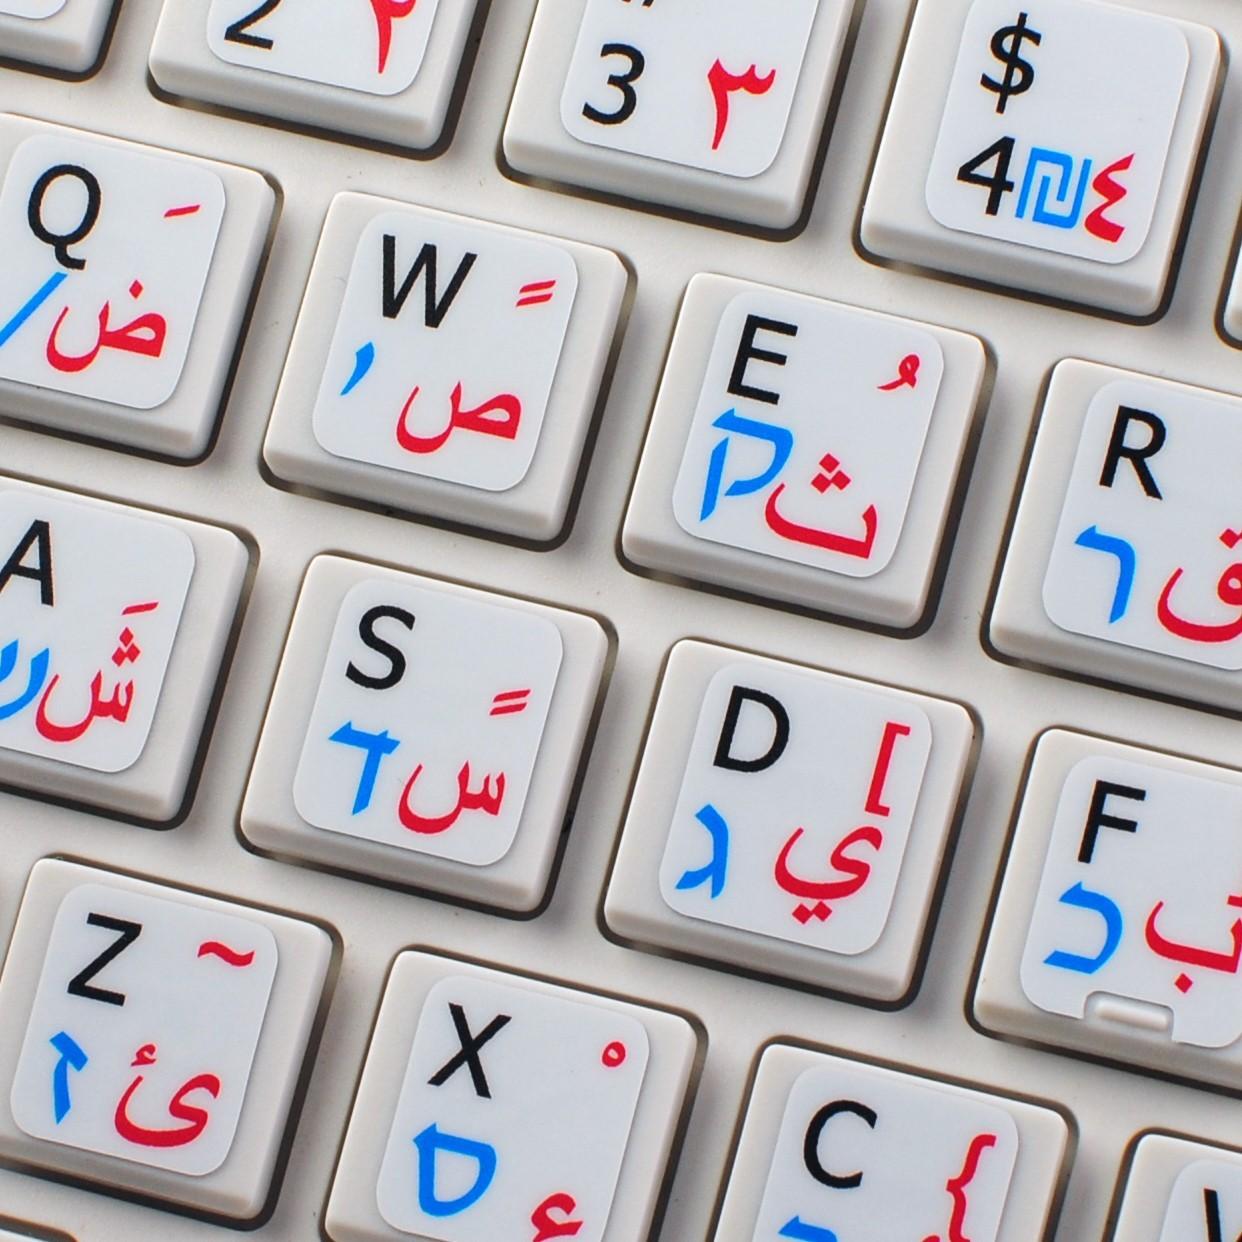 האגודה לזכויות האזרח דורשת הנגשה מלאה לשפה הערבית של אתרי האינטרנט הממשלתיים